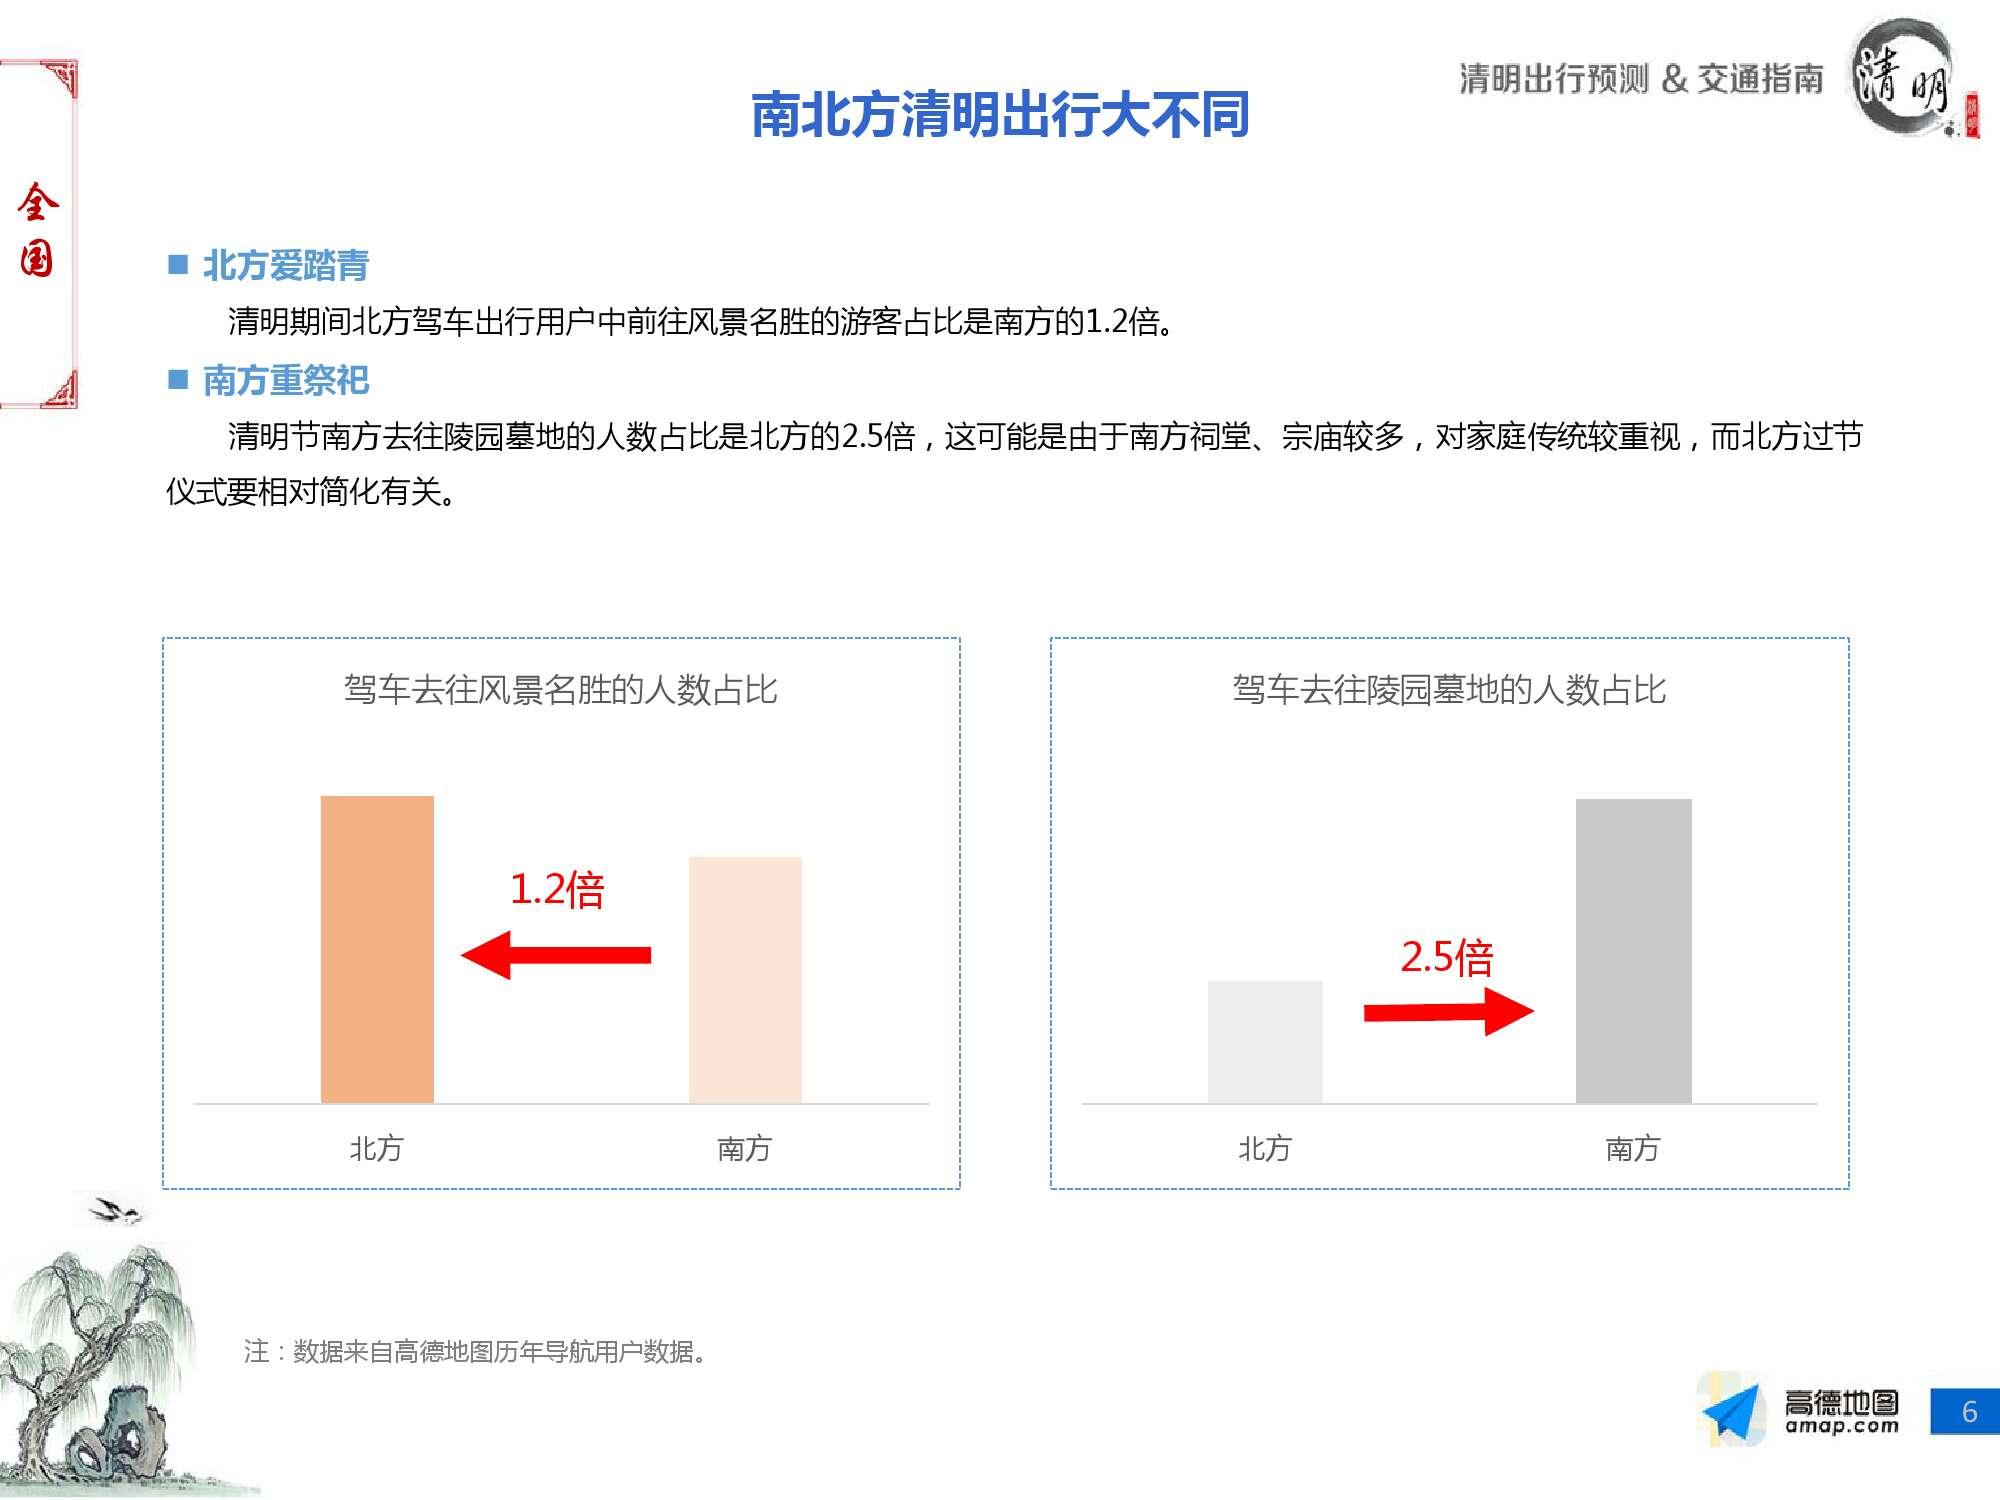 2016年清明节出行预测报告-final_000006